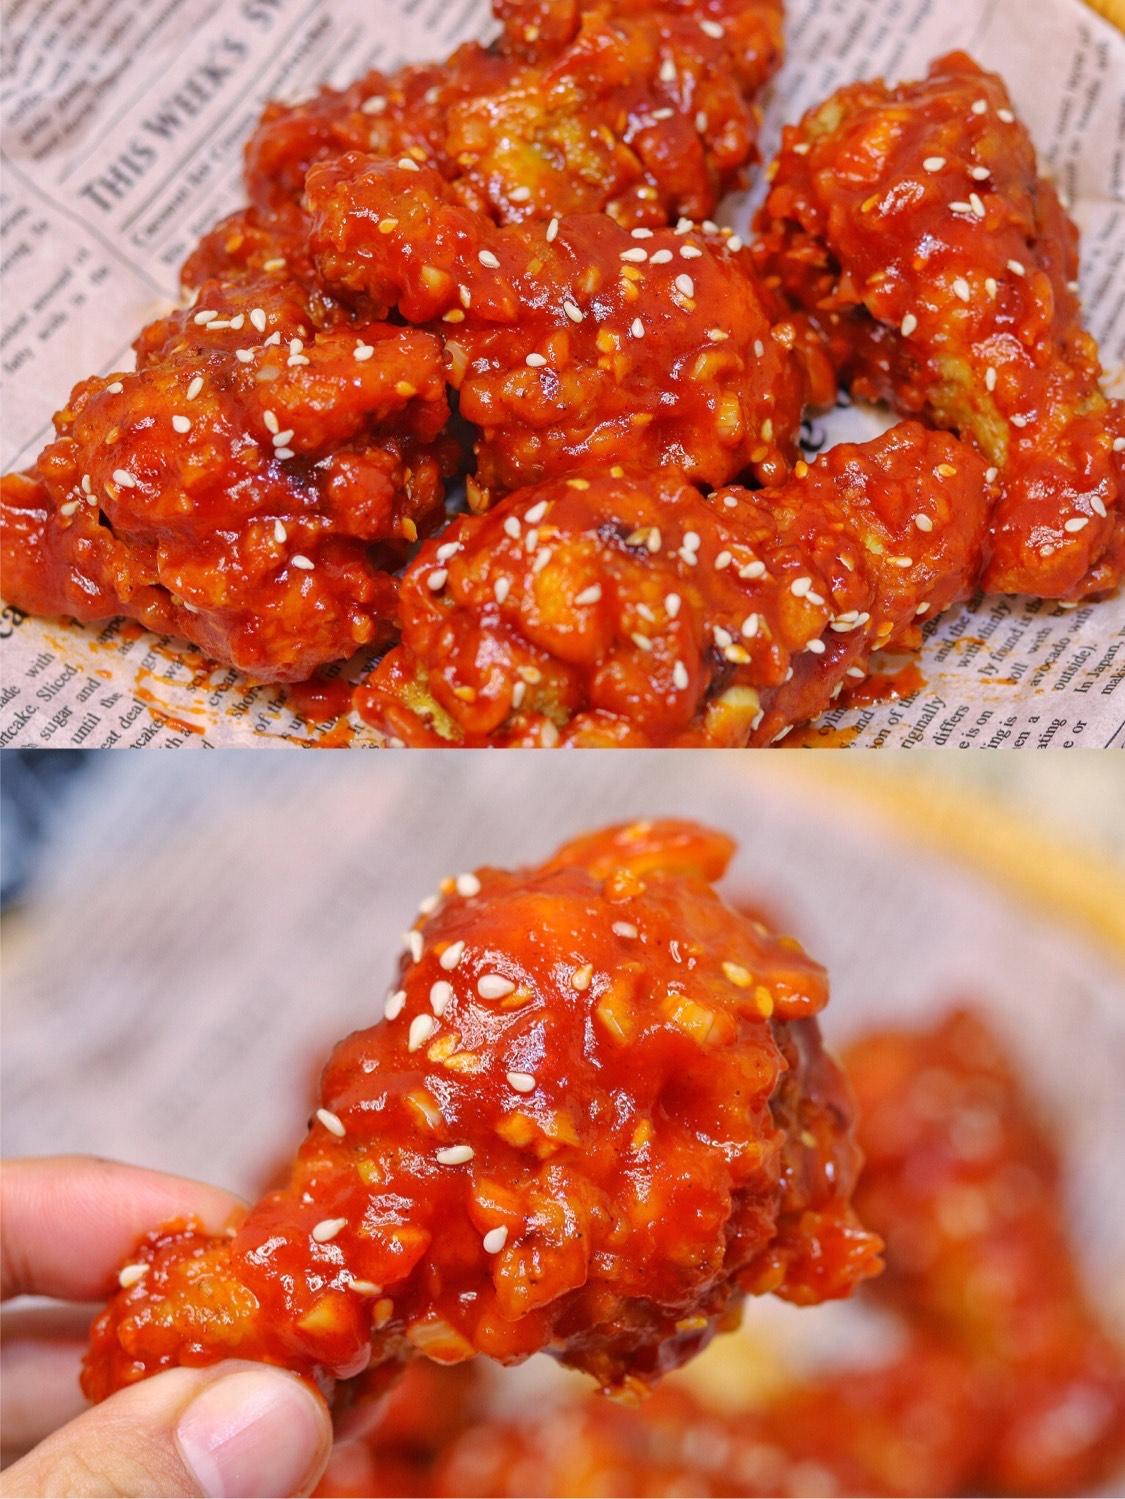 好吃到舔手指❗️甜辣酥脆的韩式炸鸡,简单零难度,学会不用买